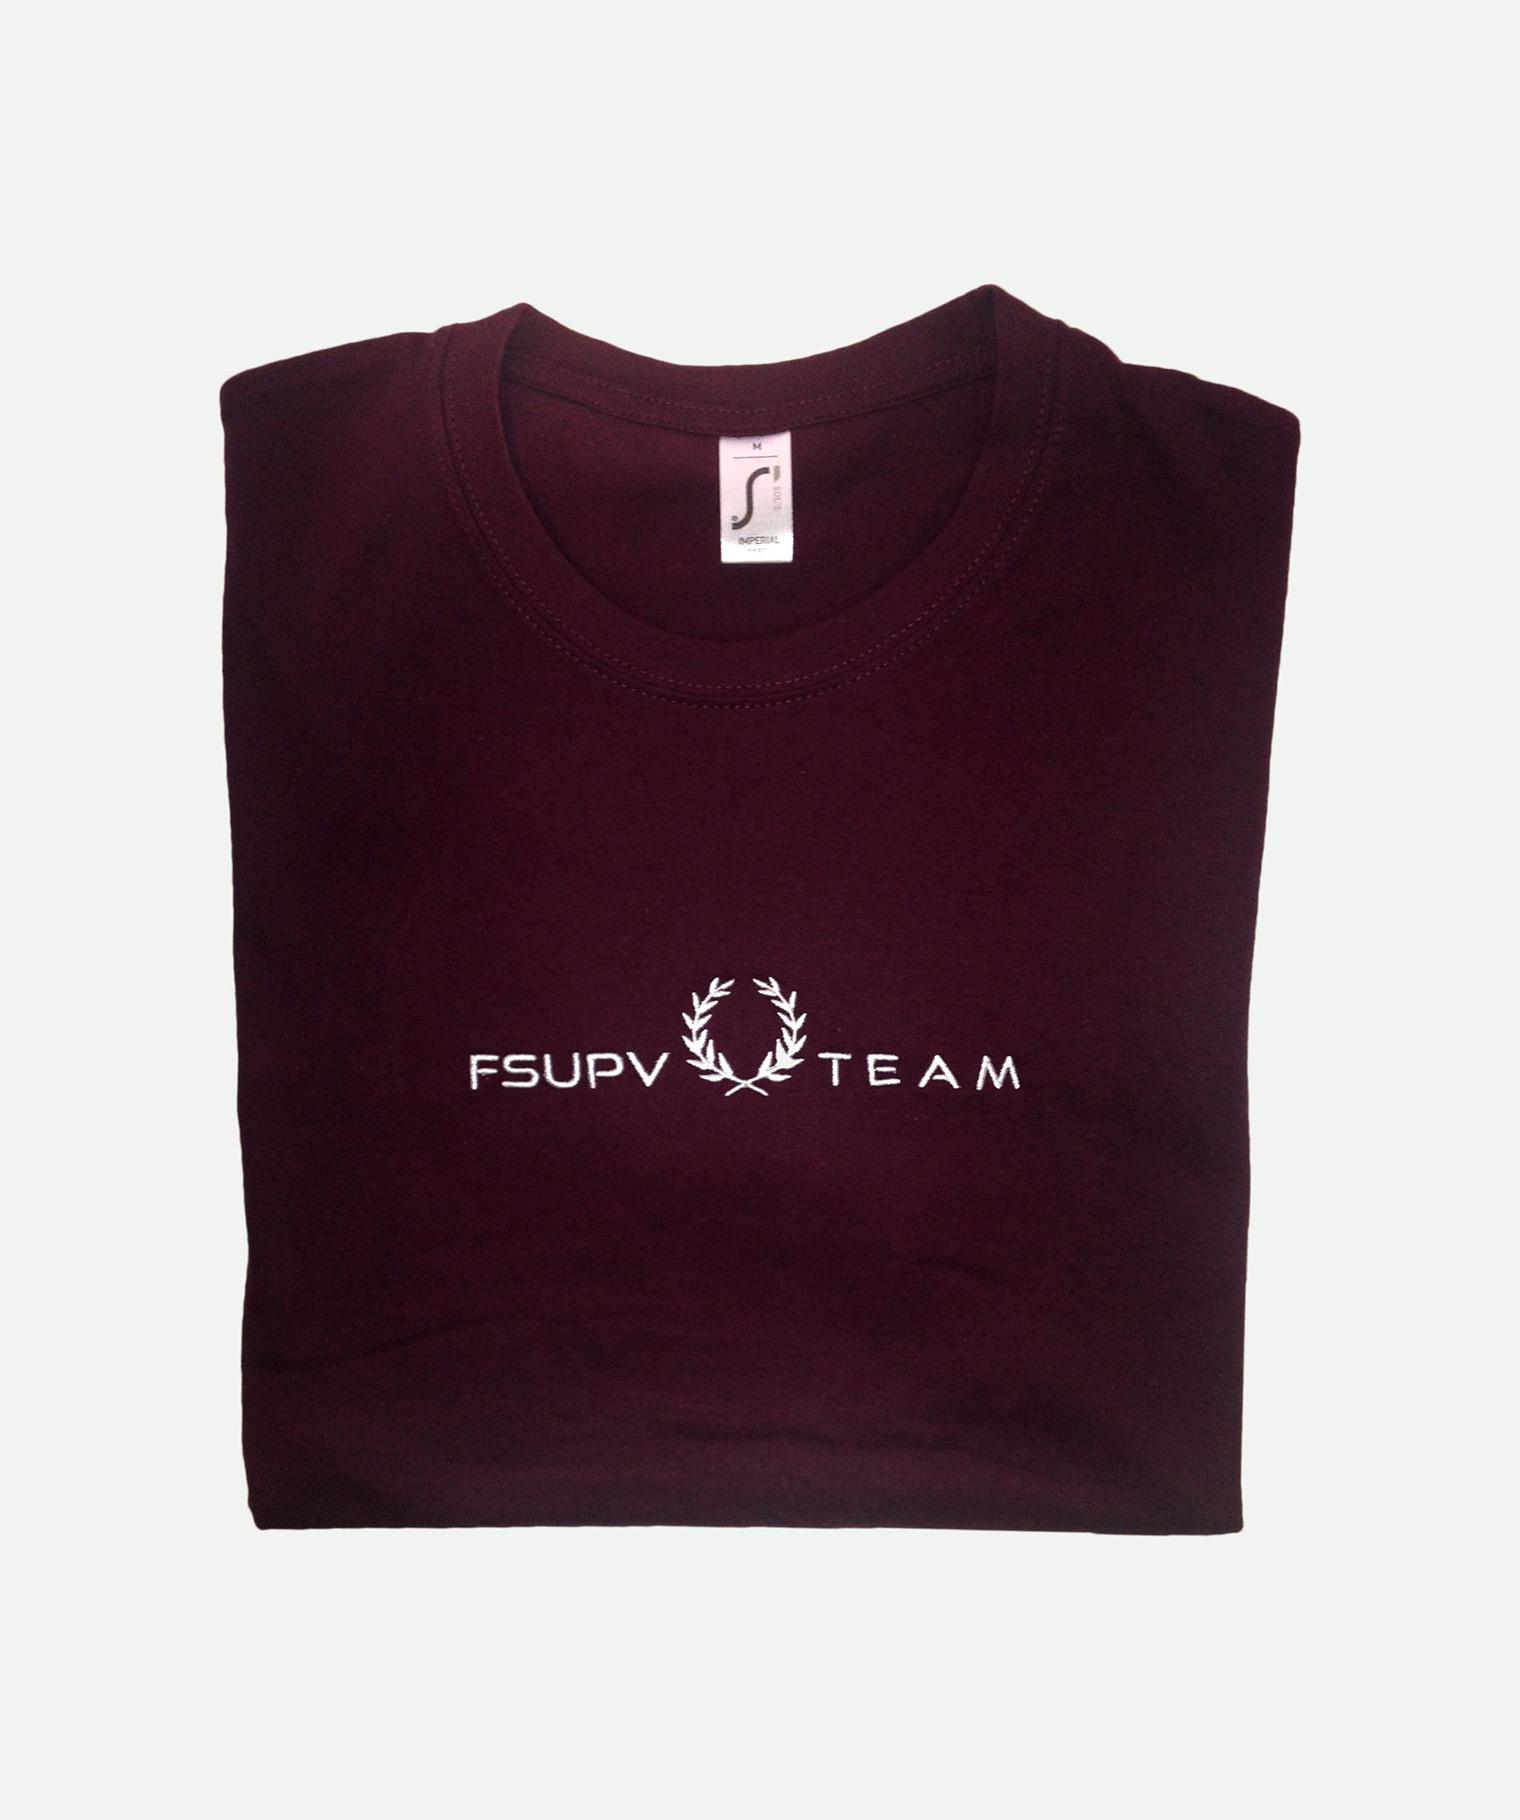 Camiseta bordada granate